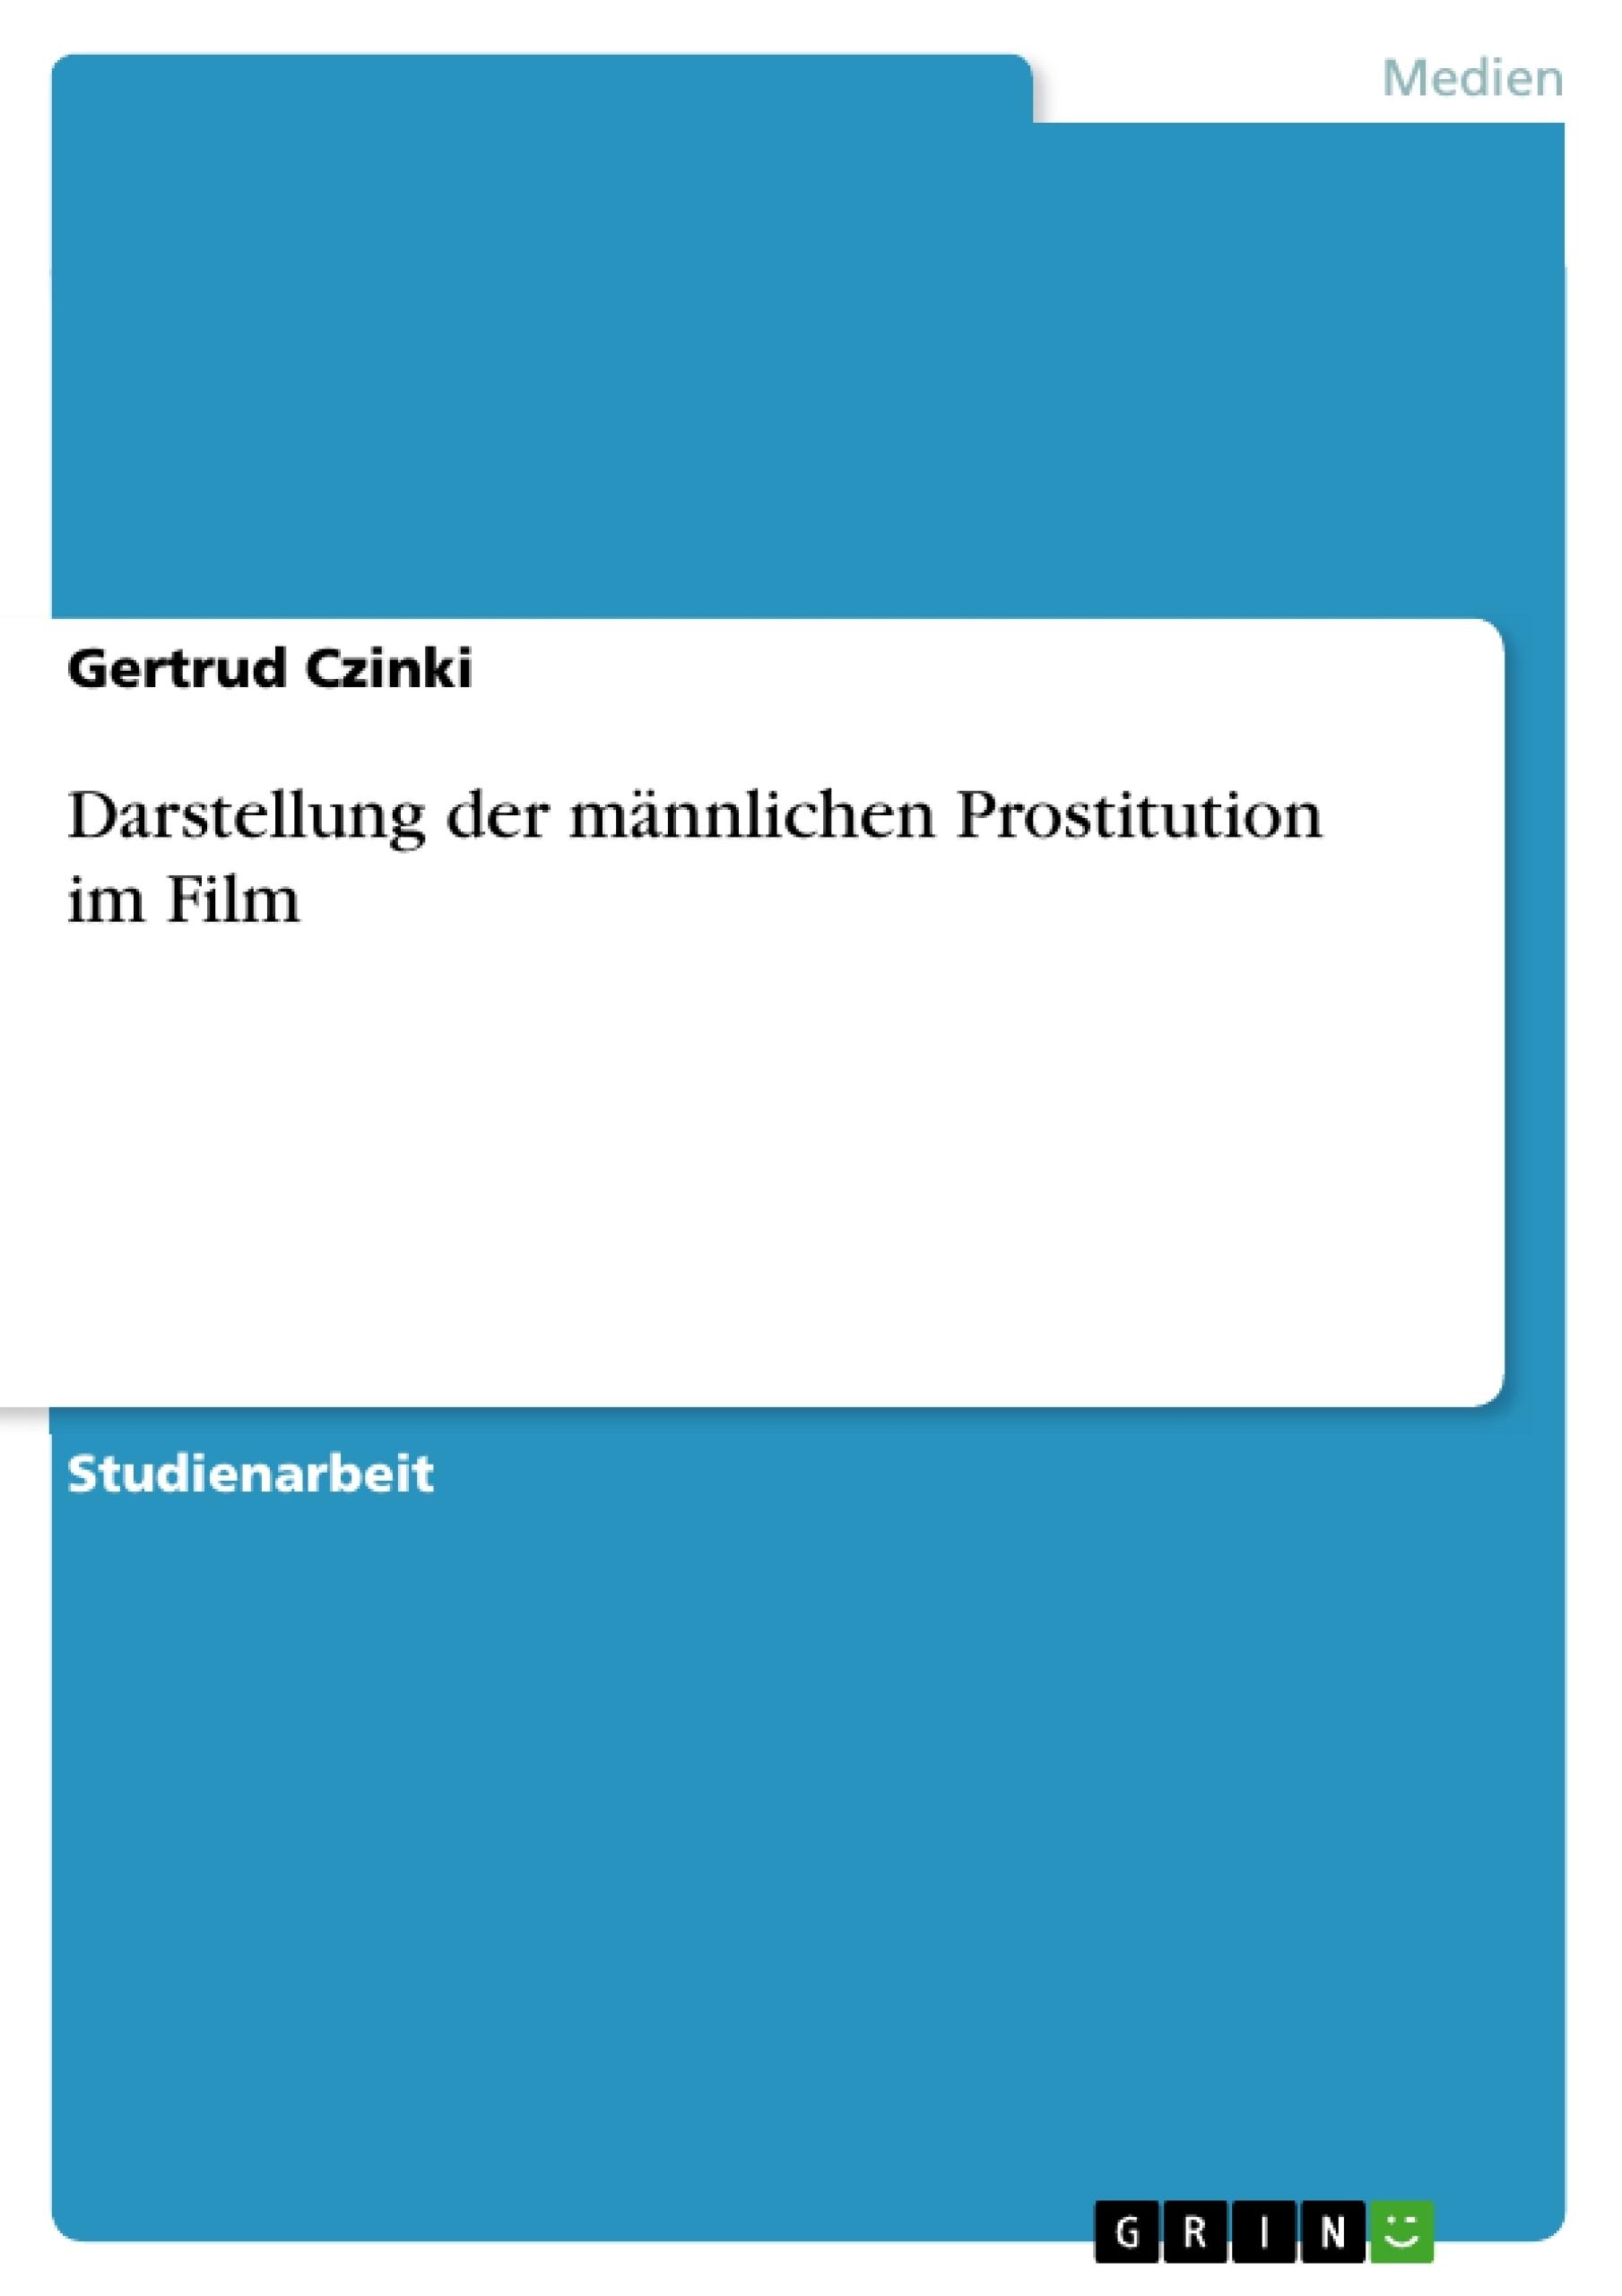 Titel: Darstellung der männlichen Prostitution im Film